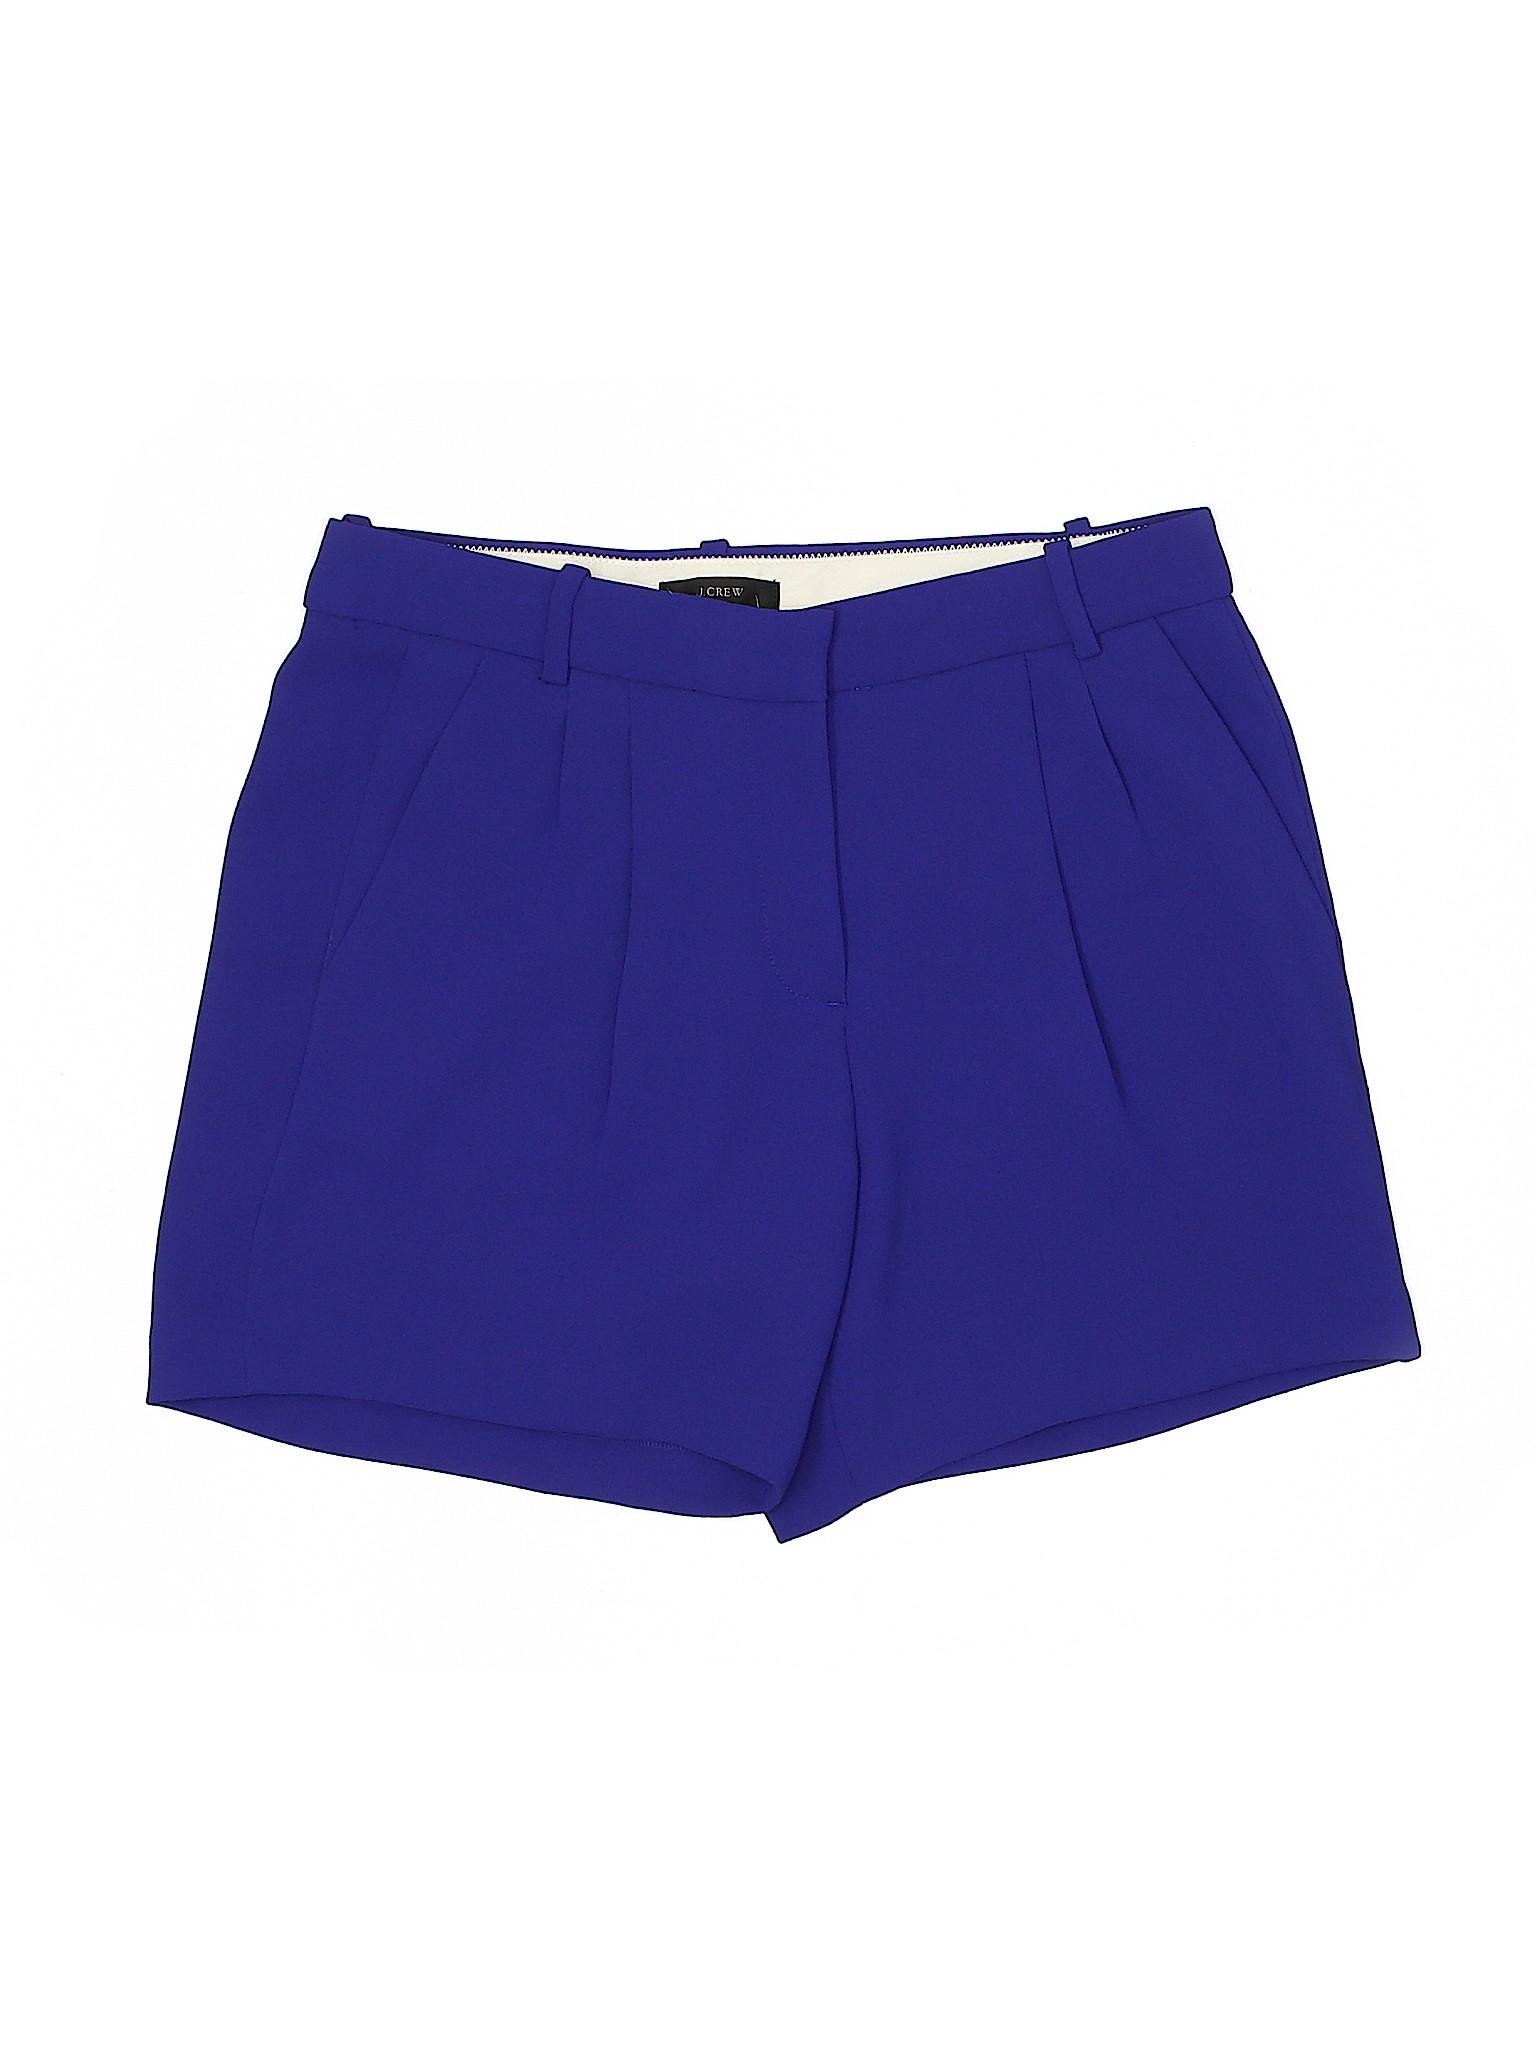 Shorts Dressy Boutique Boutique Shorts Dressy J J Crew Crew rggw7qtR